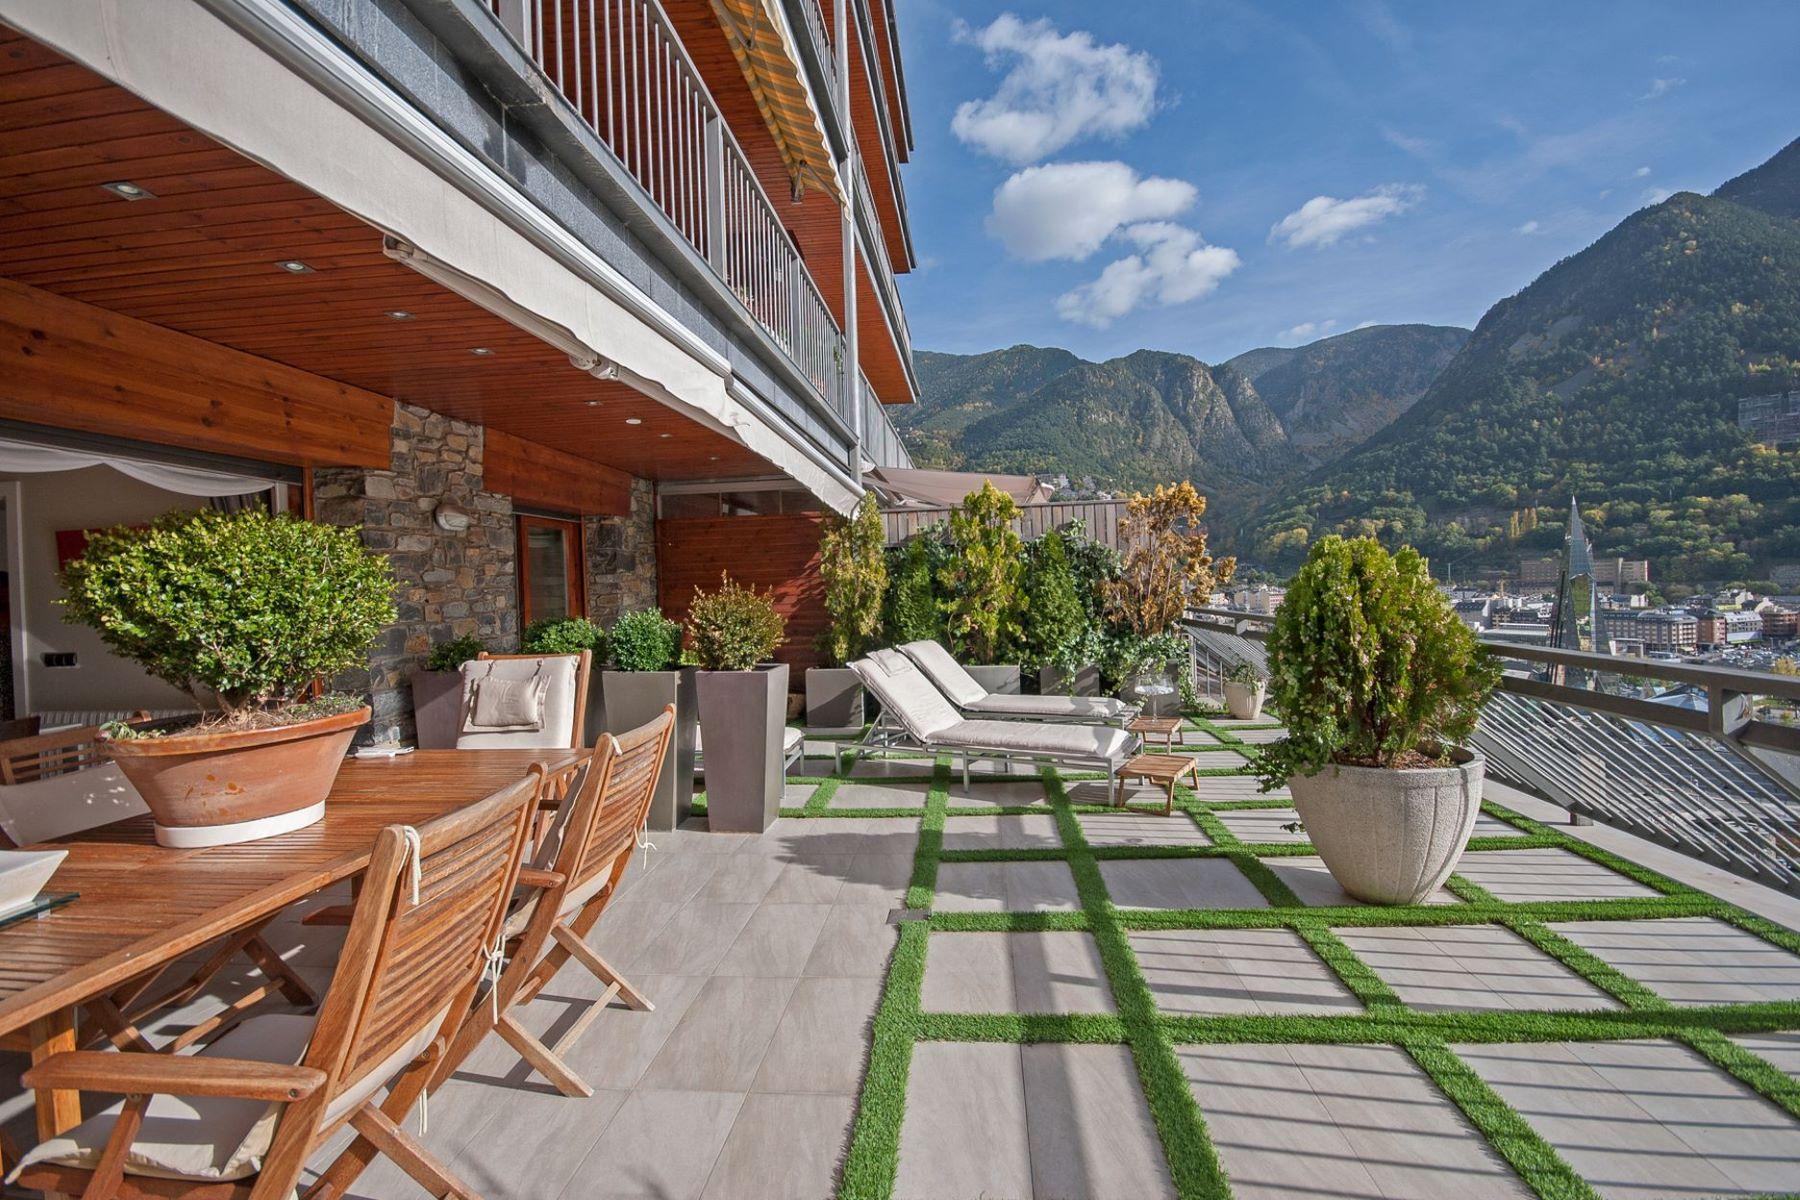 Wohnung für Verkauf beim Flat for sale in Escaldes-Engordany Escaldes Engordany, Escaldes Engordany, AD700 Andorra